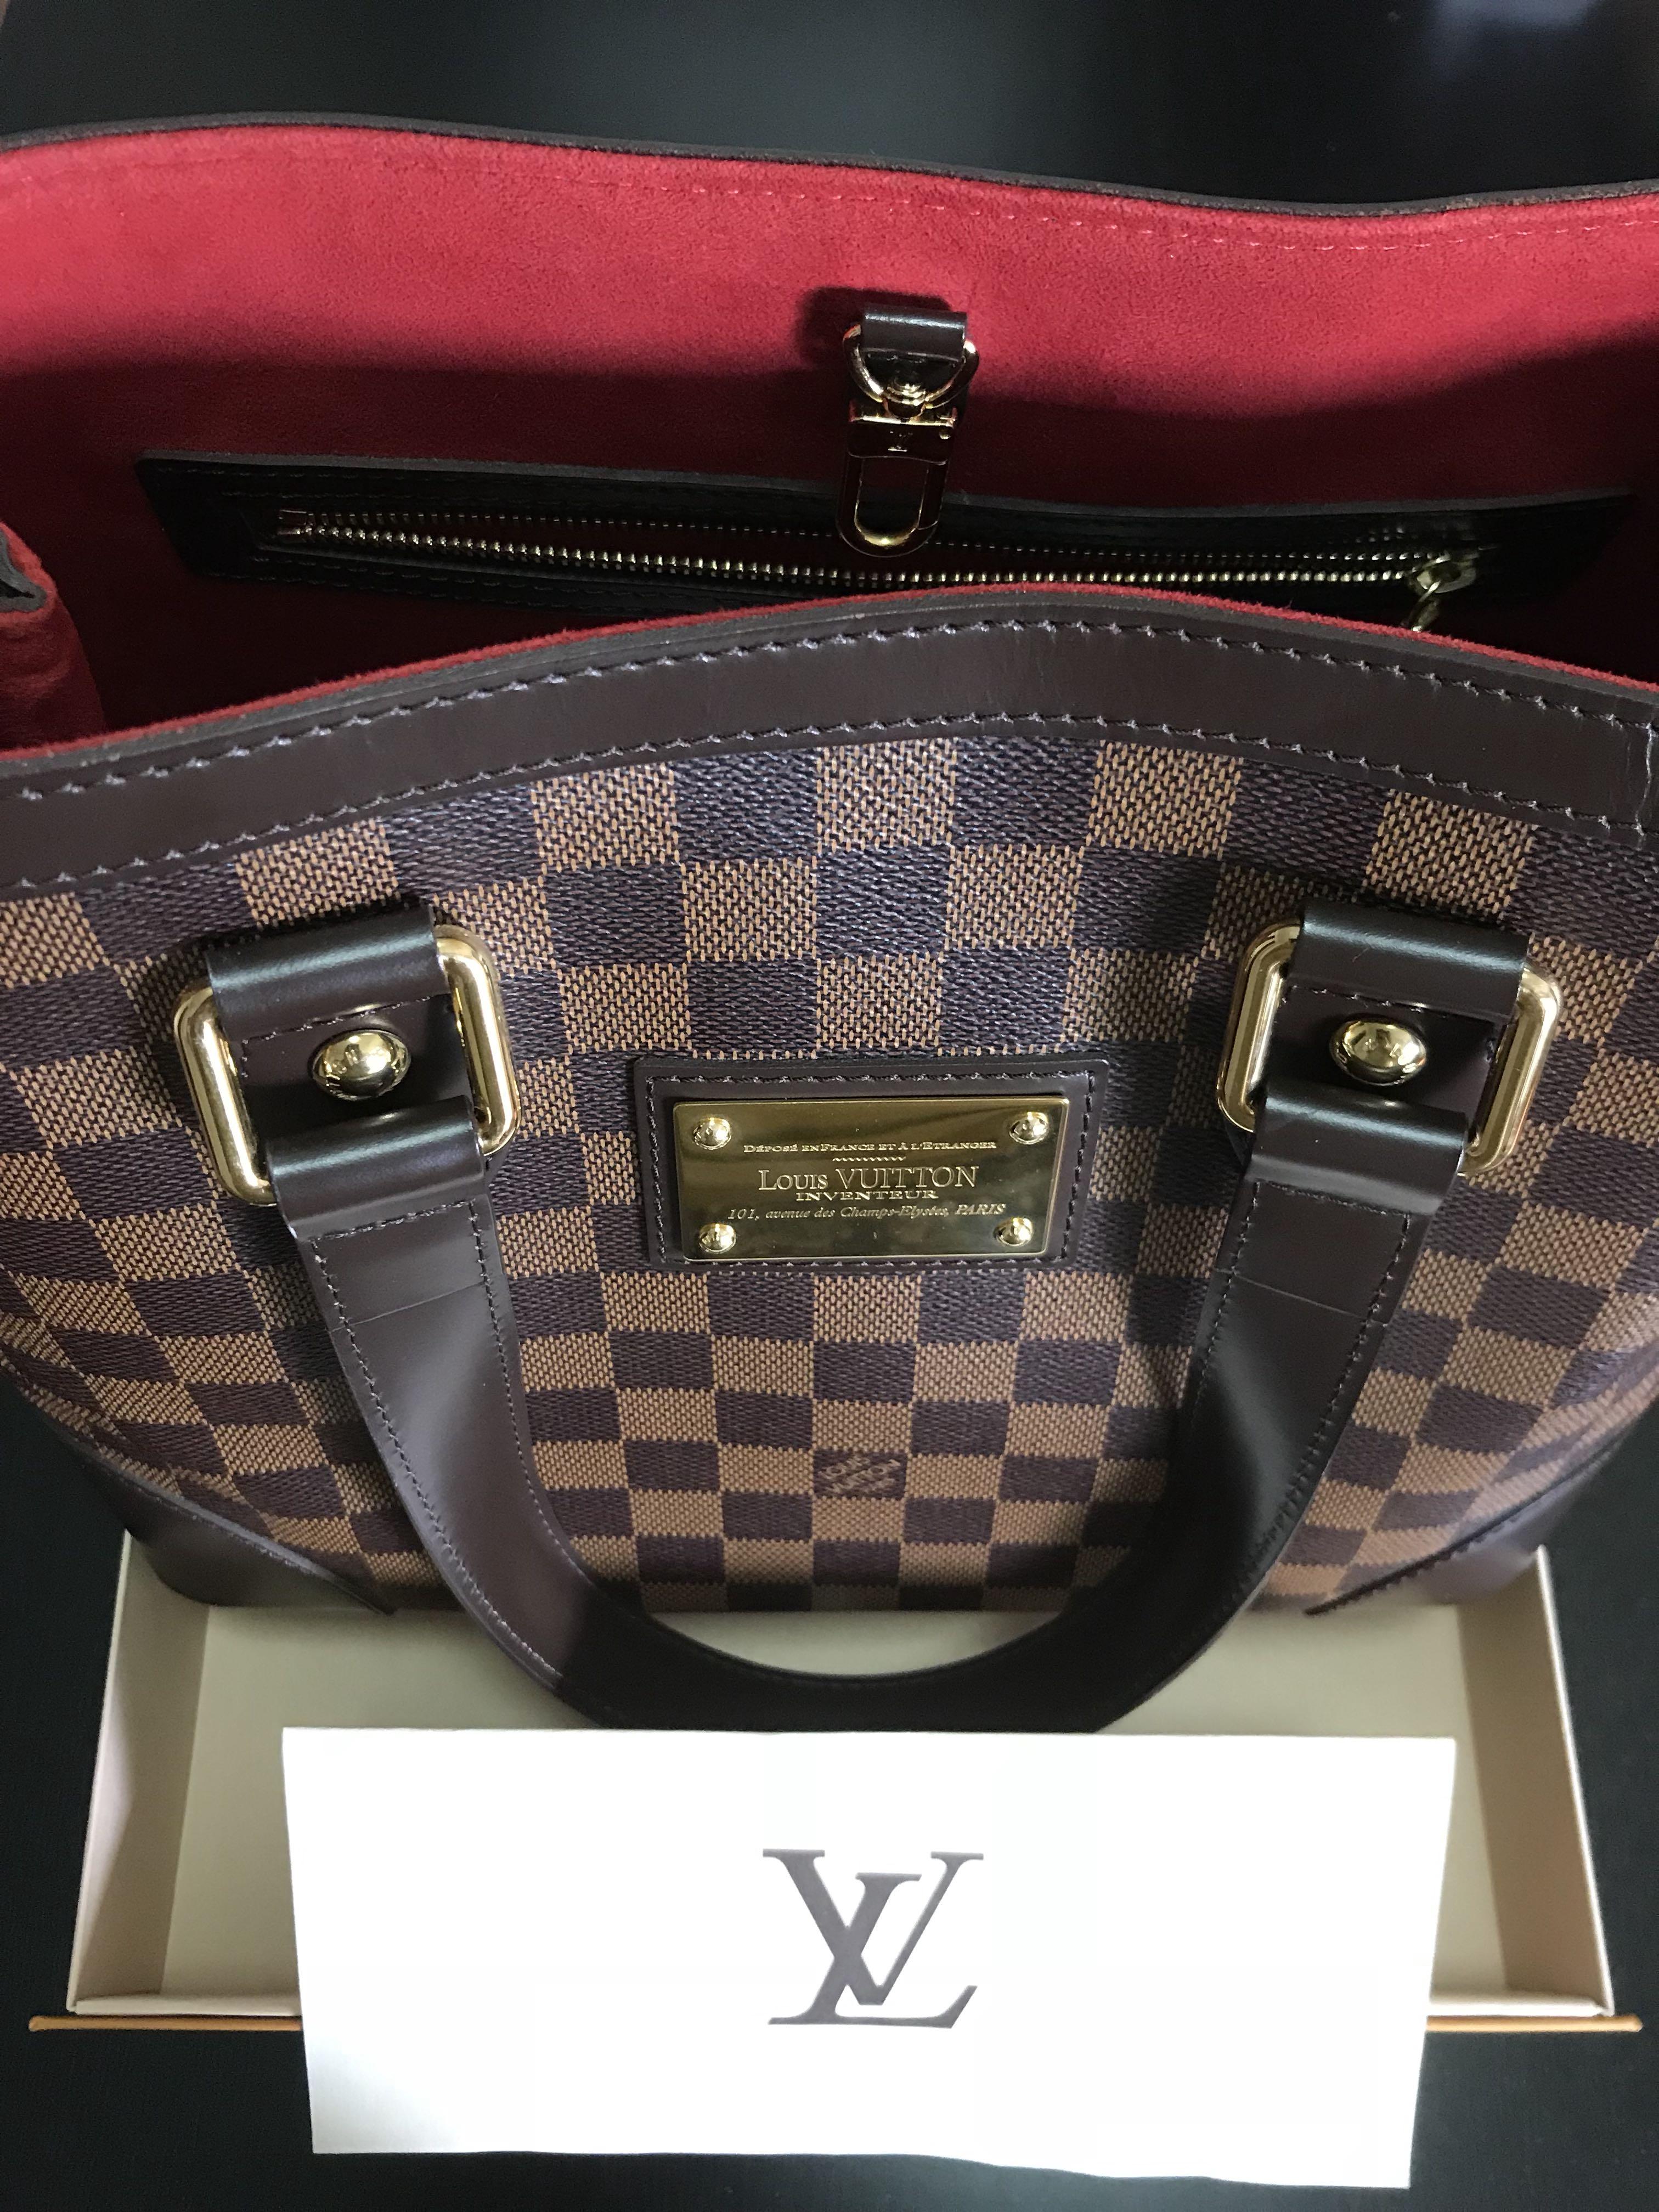 be2d8e79a9a3 Louis Vuitton Hampstead PM bag